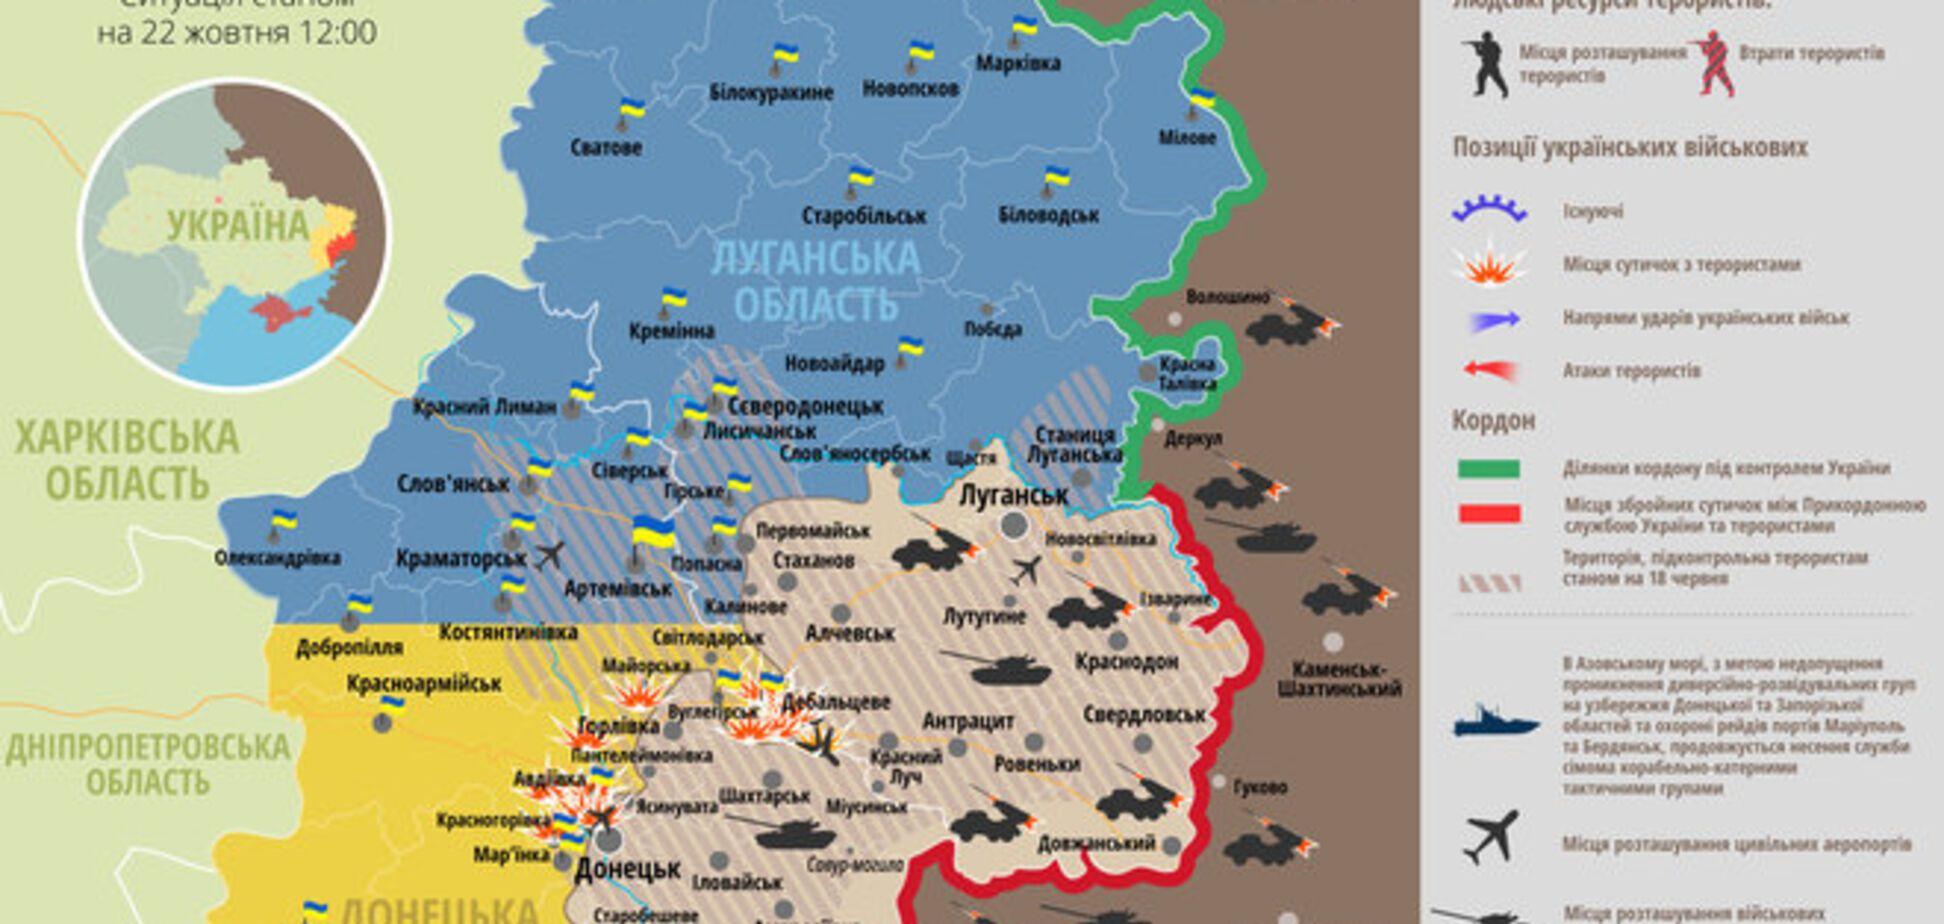 Путинские вояки активизируются в Донецке: карта зоны АТО